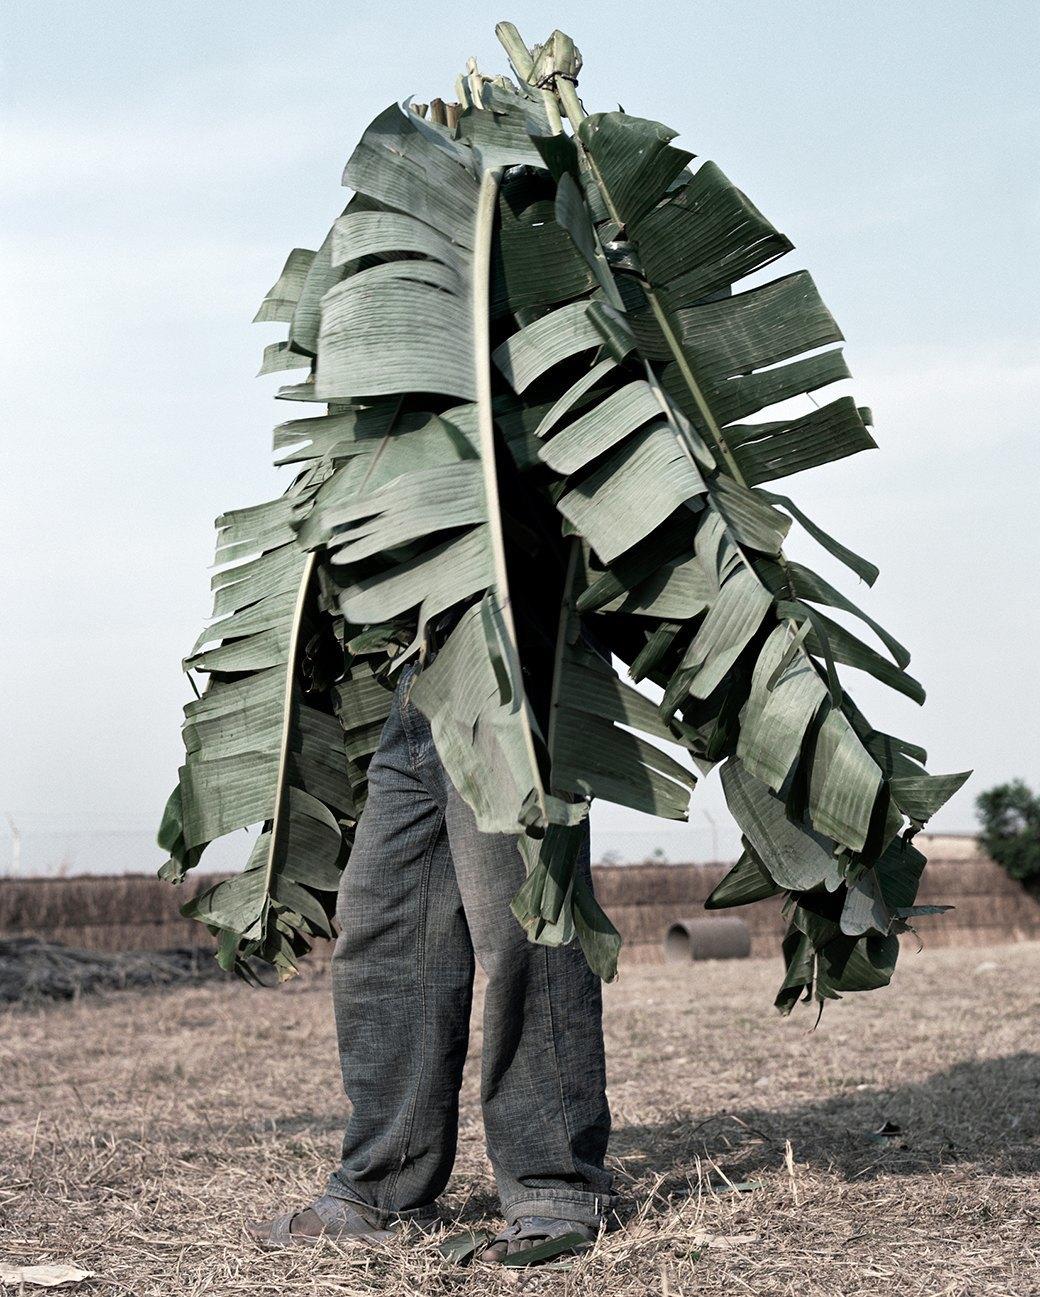 «Местность»: Обезличенный труд африканских крестьян. Изображение № 9.